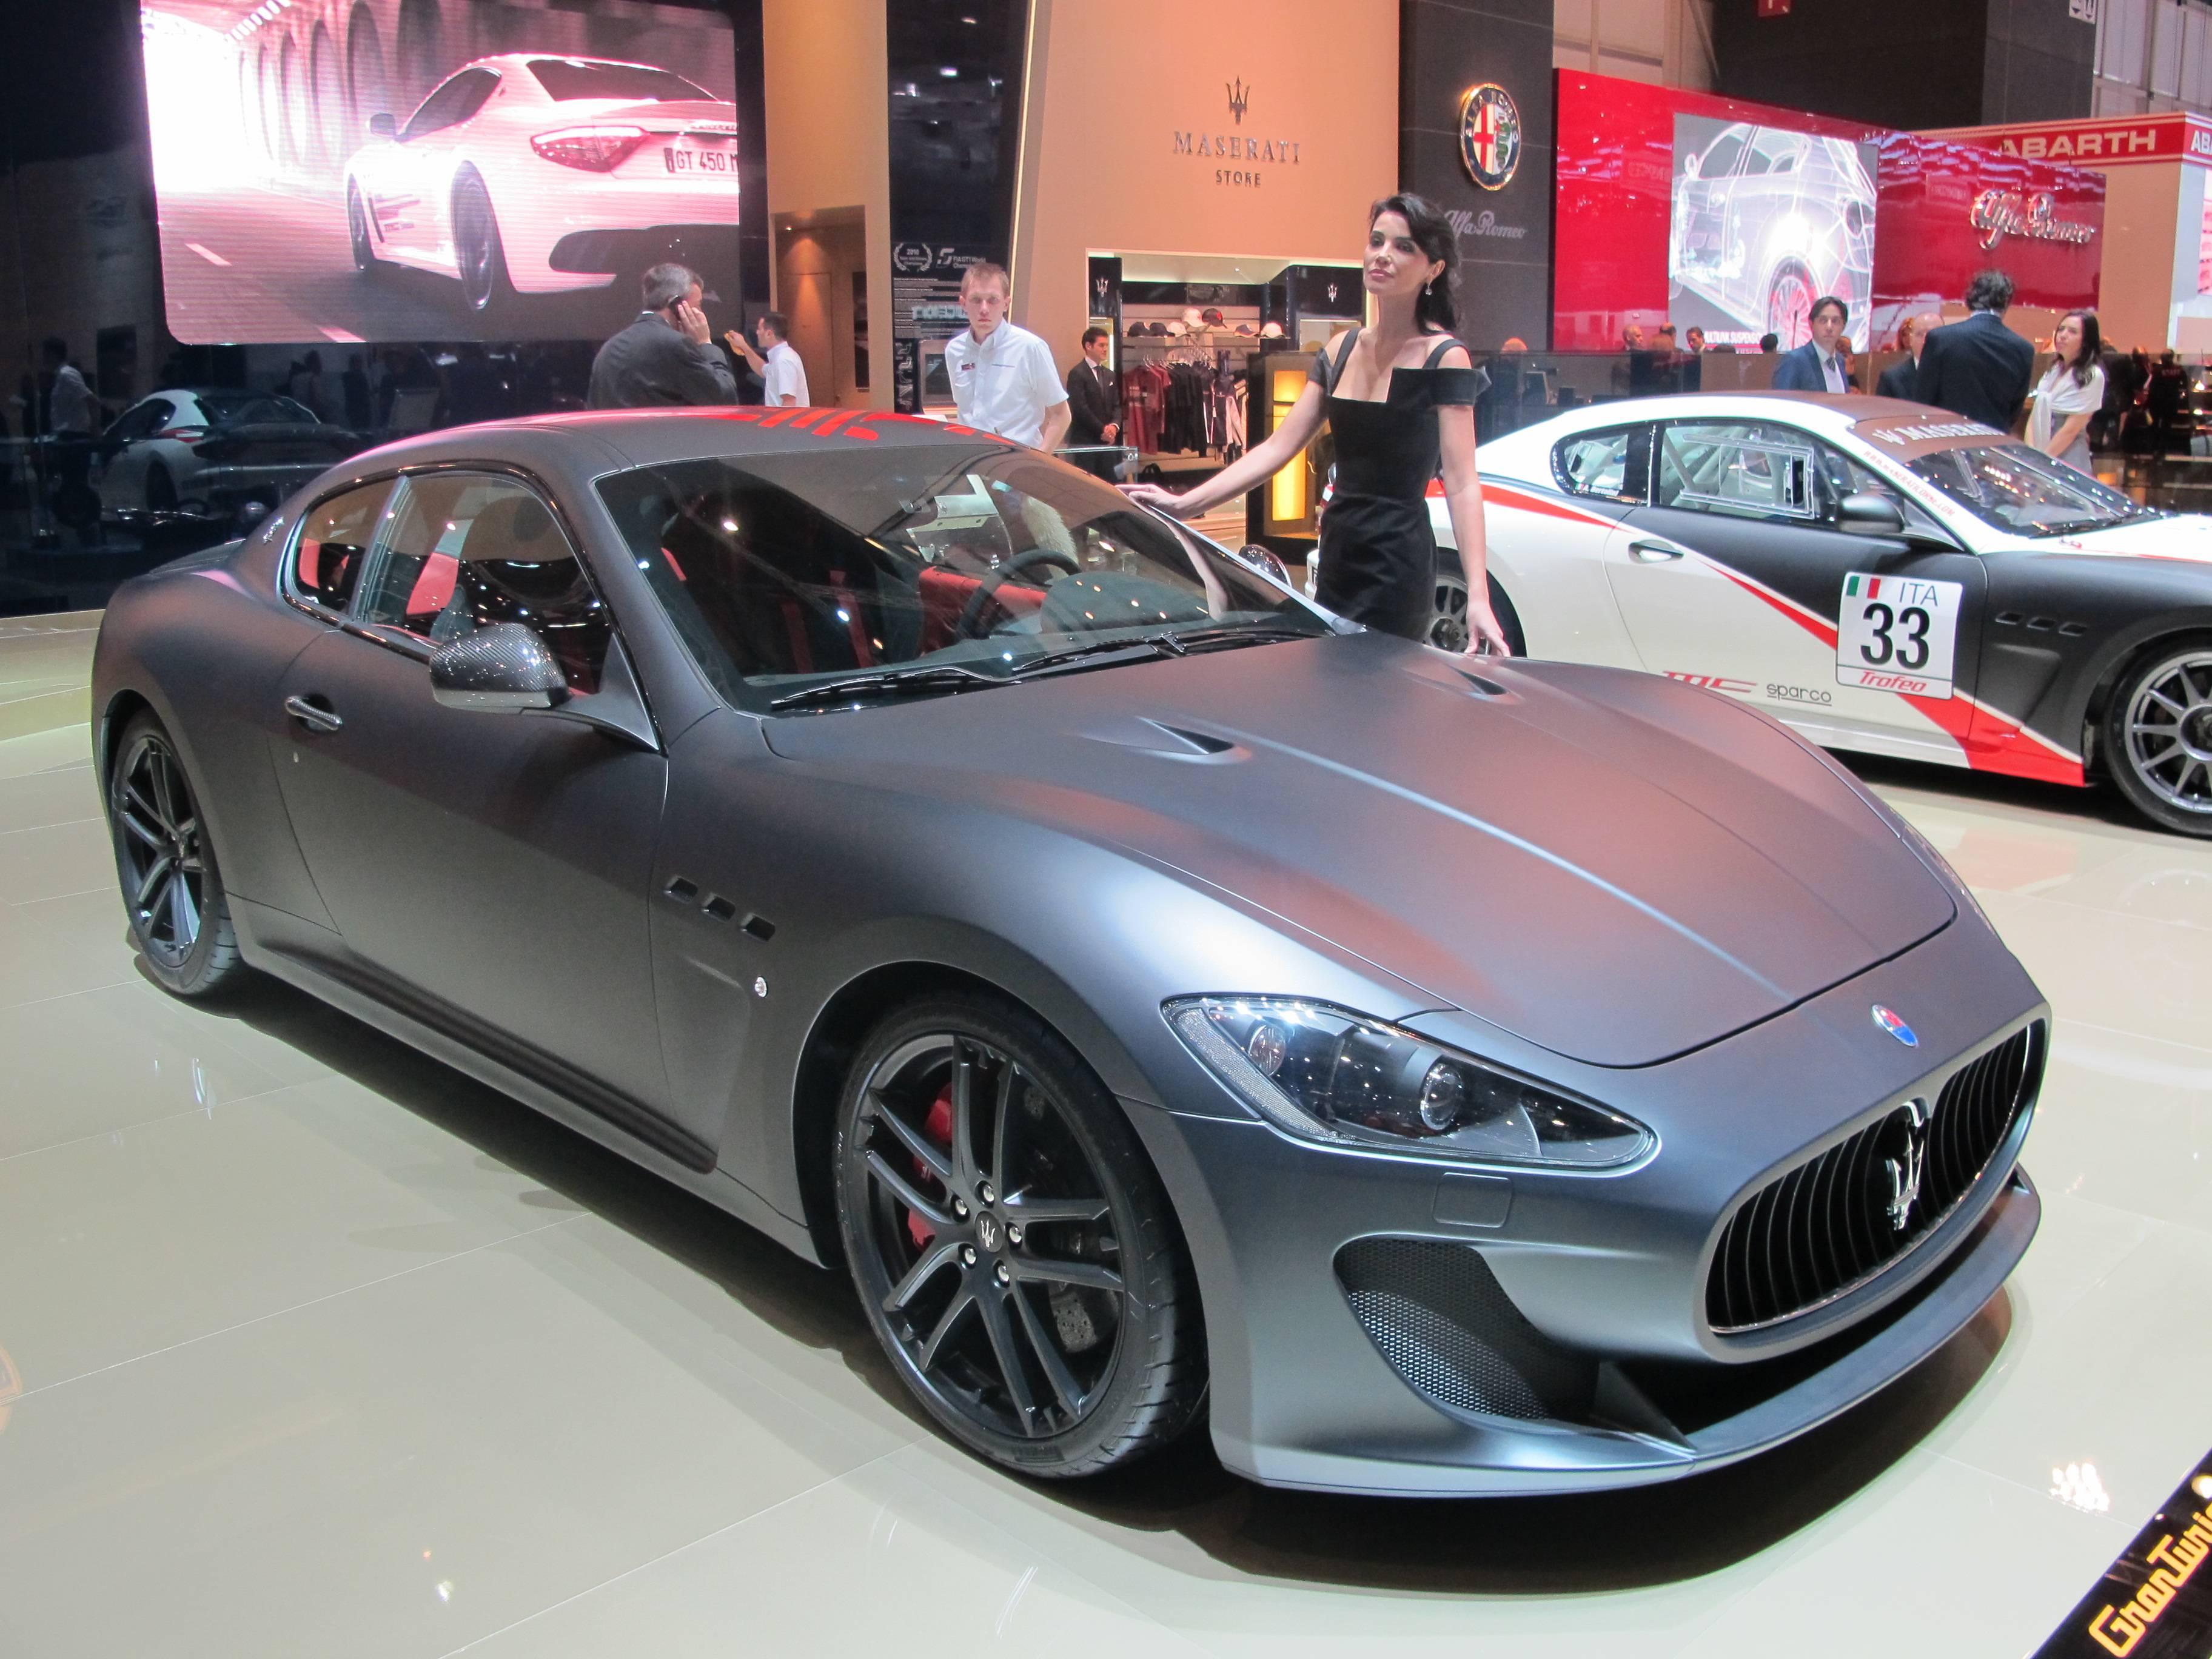 Geneva Motor Show - Maserati GranTurismo MC Stradale